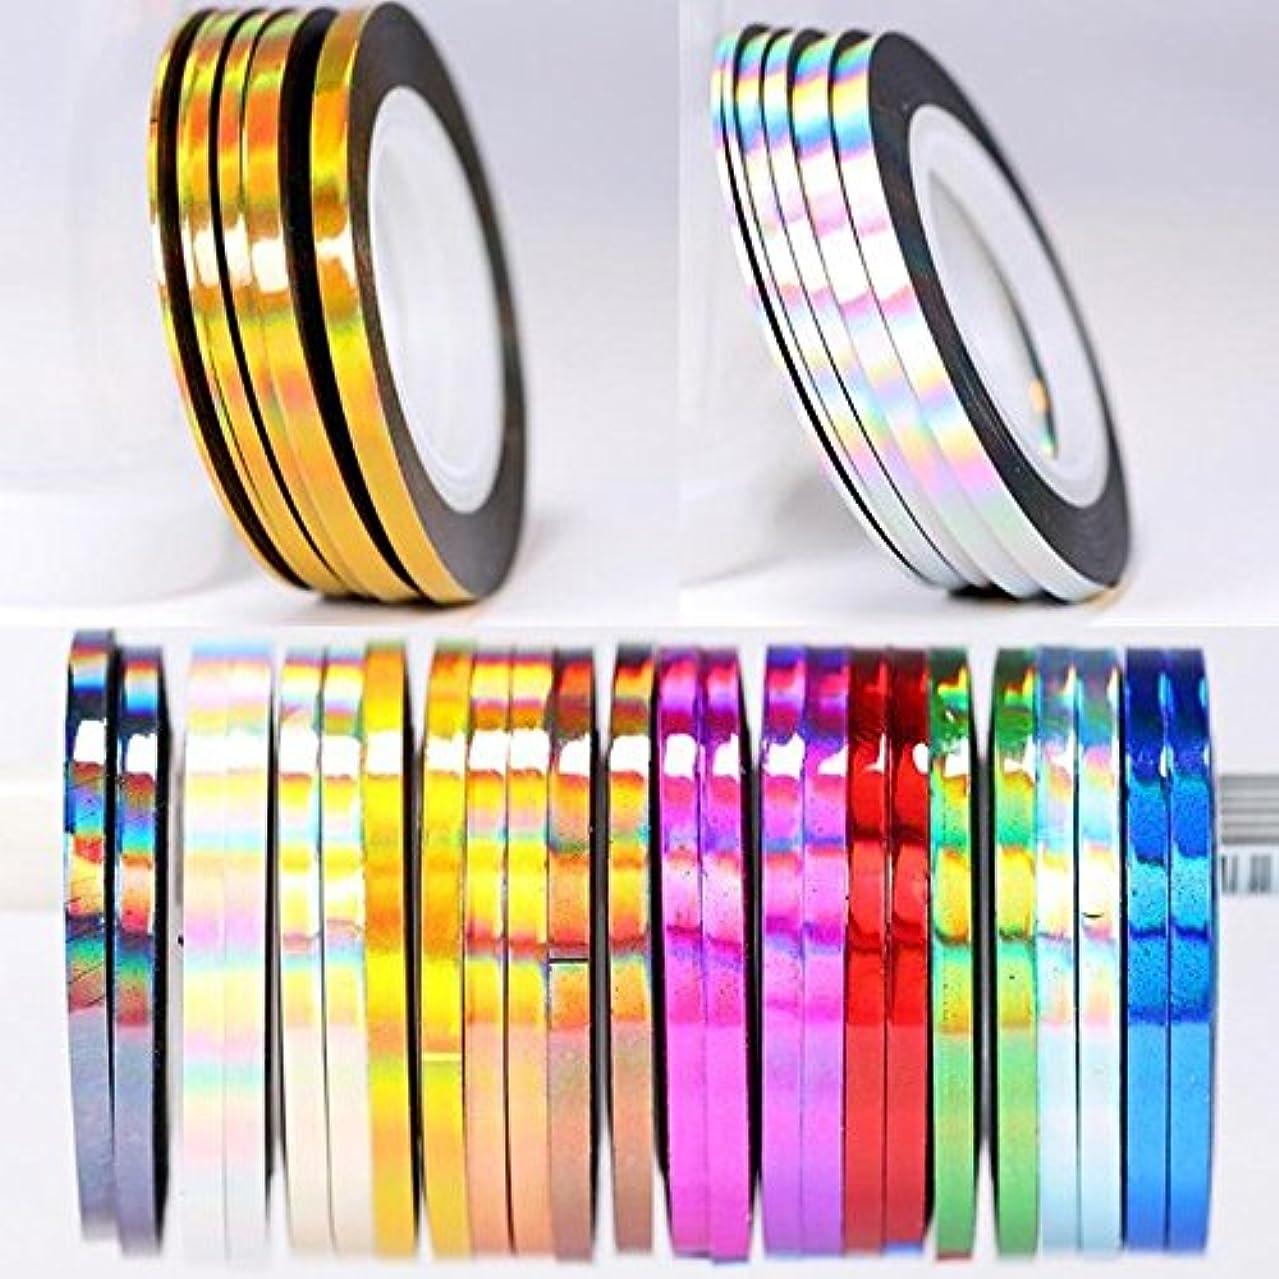 BlueZOO (ブルーズー) レーザーラインテープ 幅0.8mm/2mm/3mm ジェルネイルアート用品 輝き ゴールド シルバー フレンチ ライン テープ ネイルシール ストライピングテープ 爪 アクセサリー